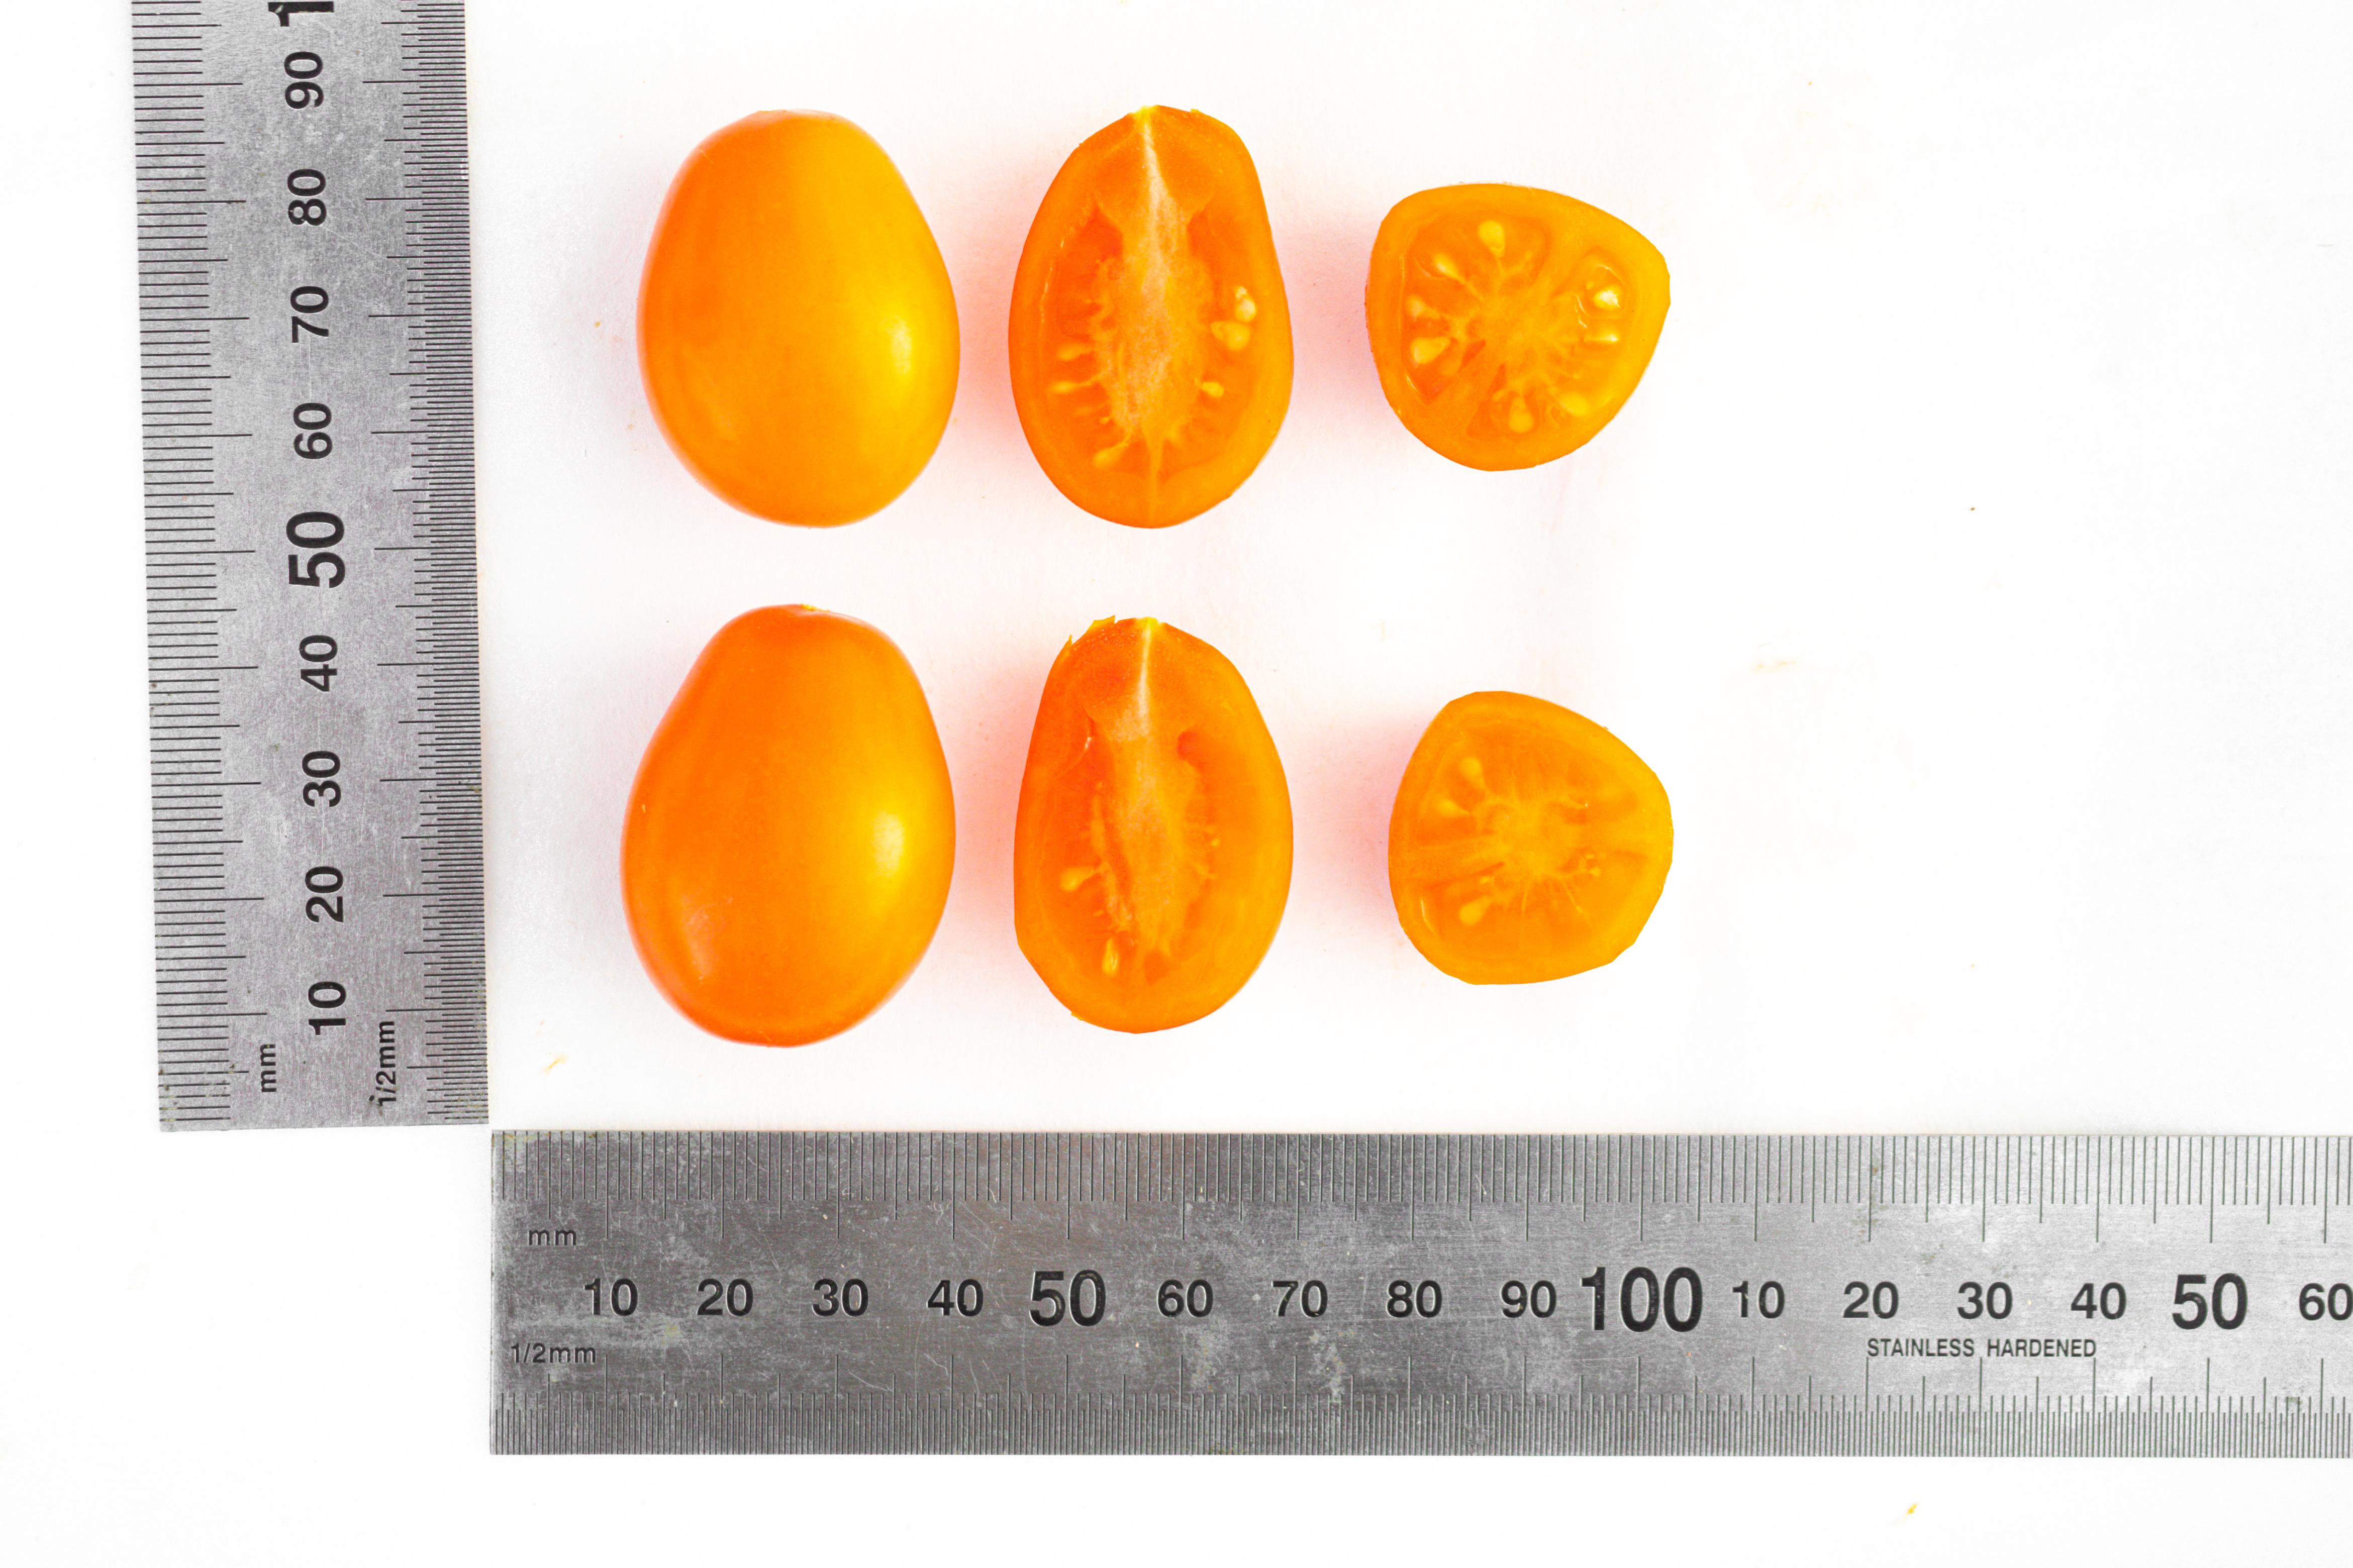 томат цитрина отзывы фото фотографии, расположение достопримечательностей